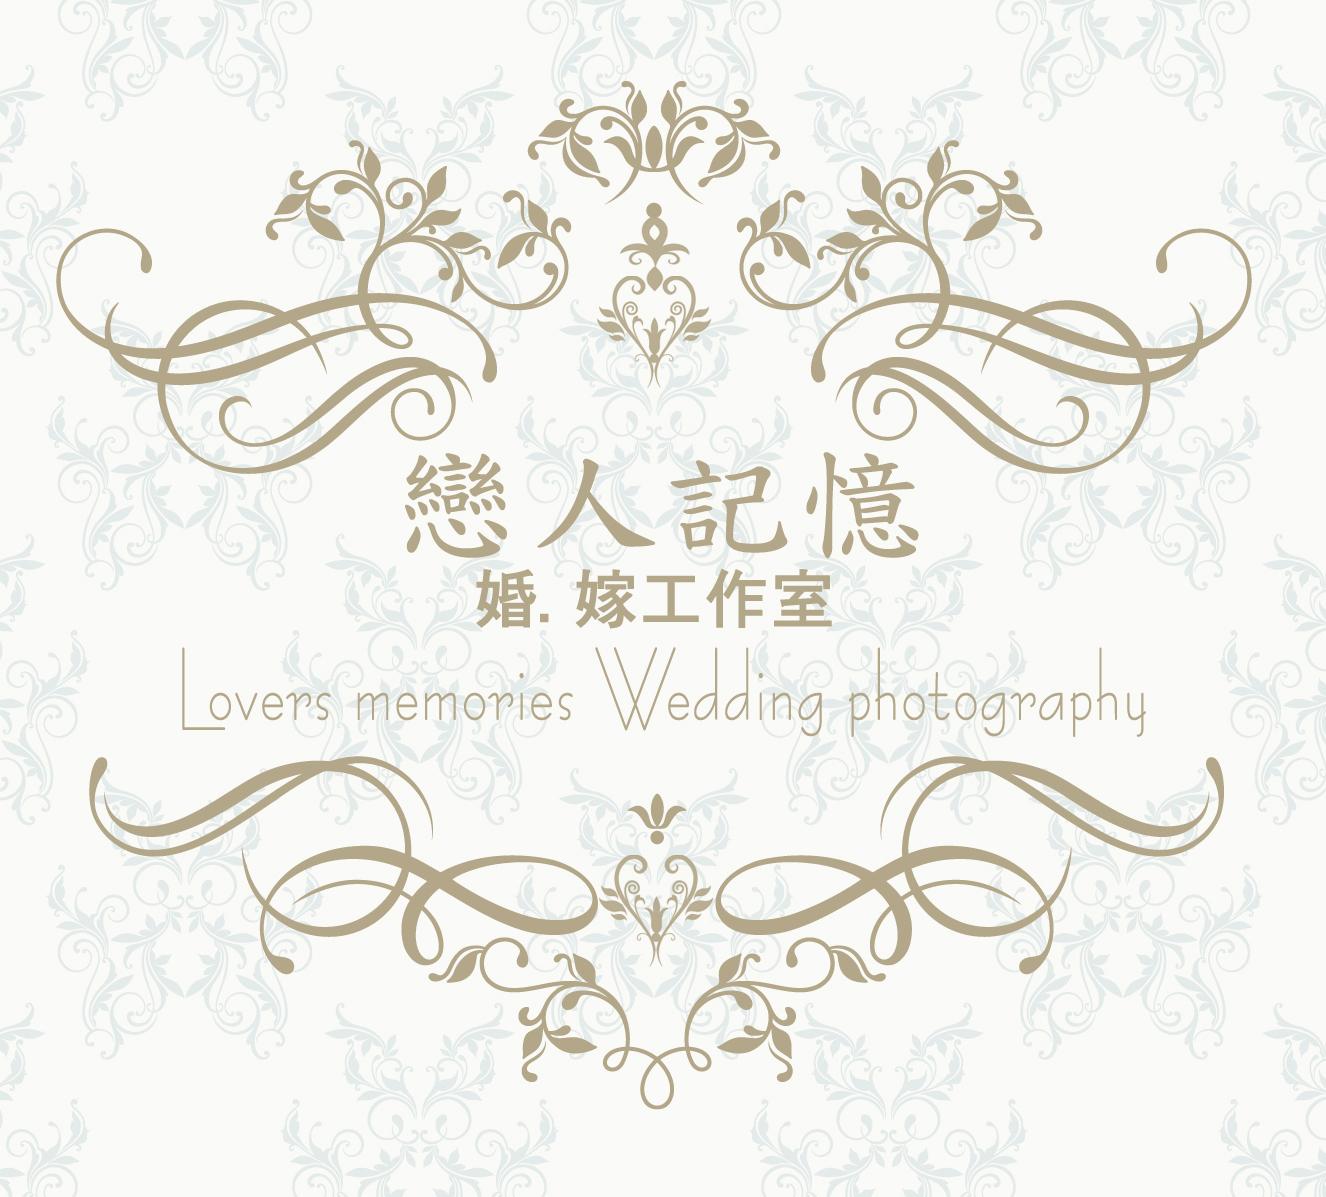 戀人記憶 婚嫁工作室